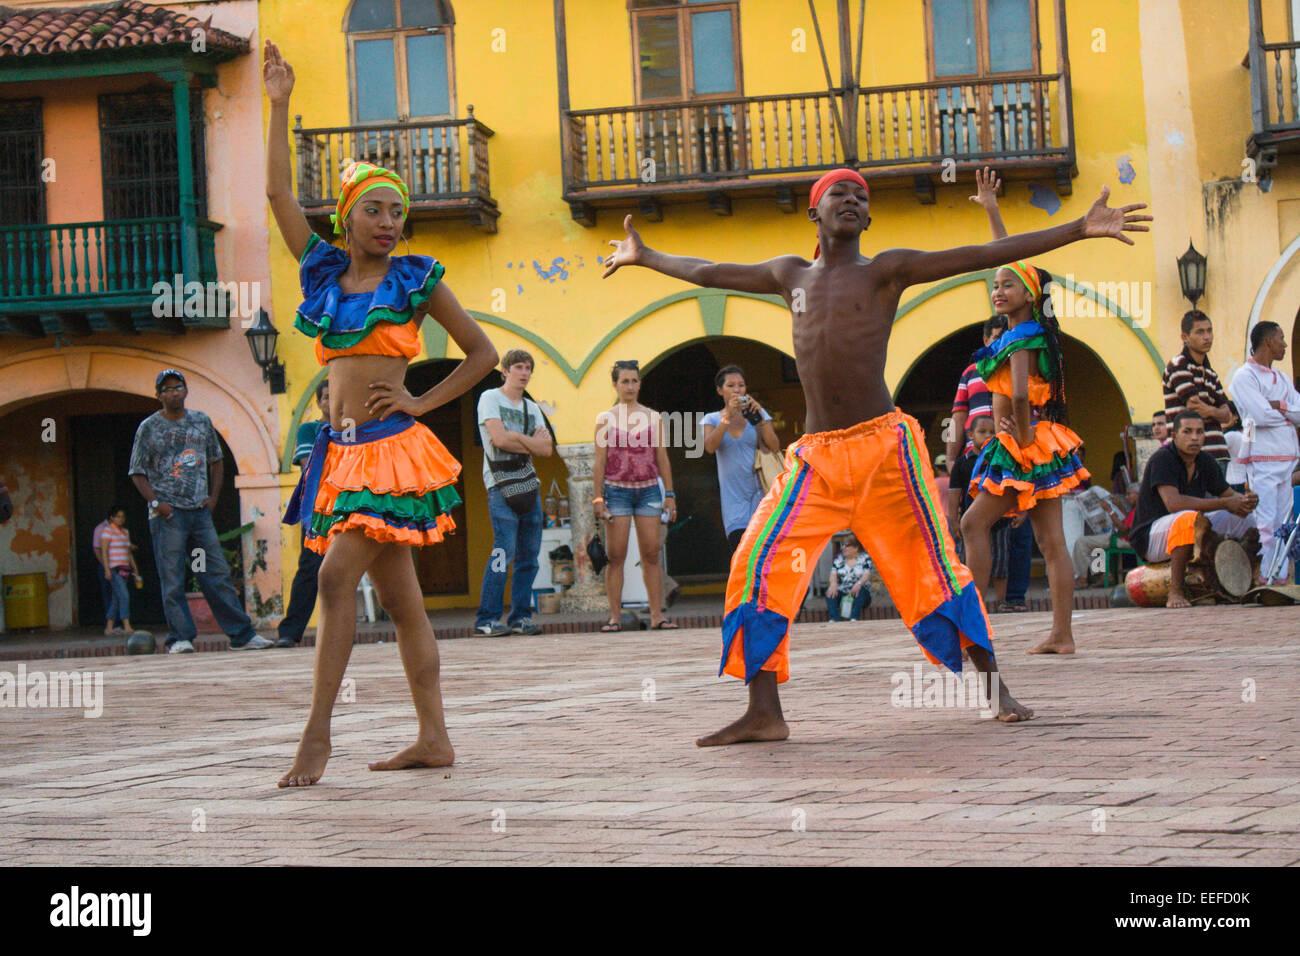 Baile Mapele tradicional en el casco antiguo de Cartagena de Indias, Colombia Imagen De Stock